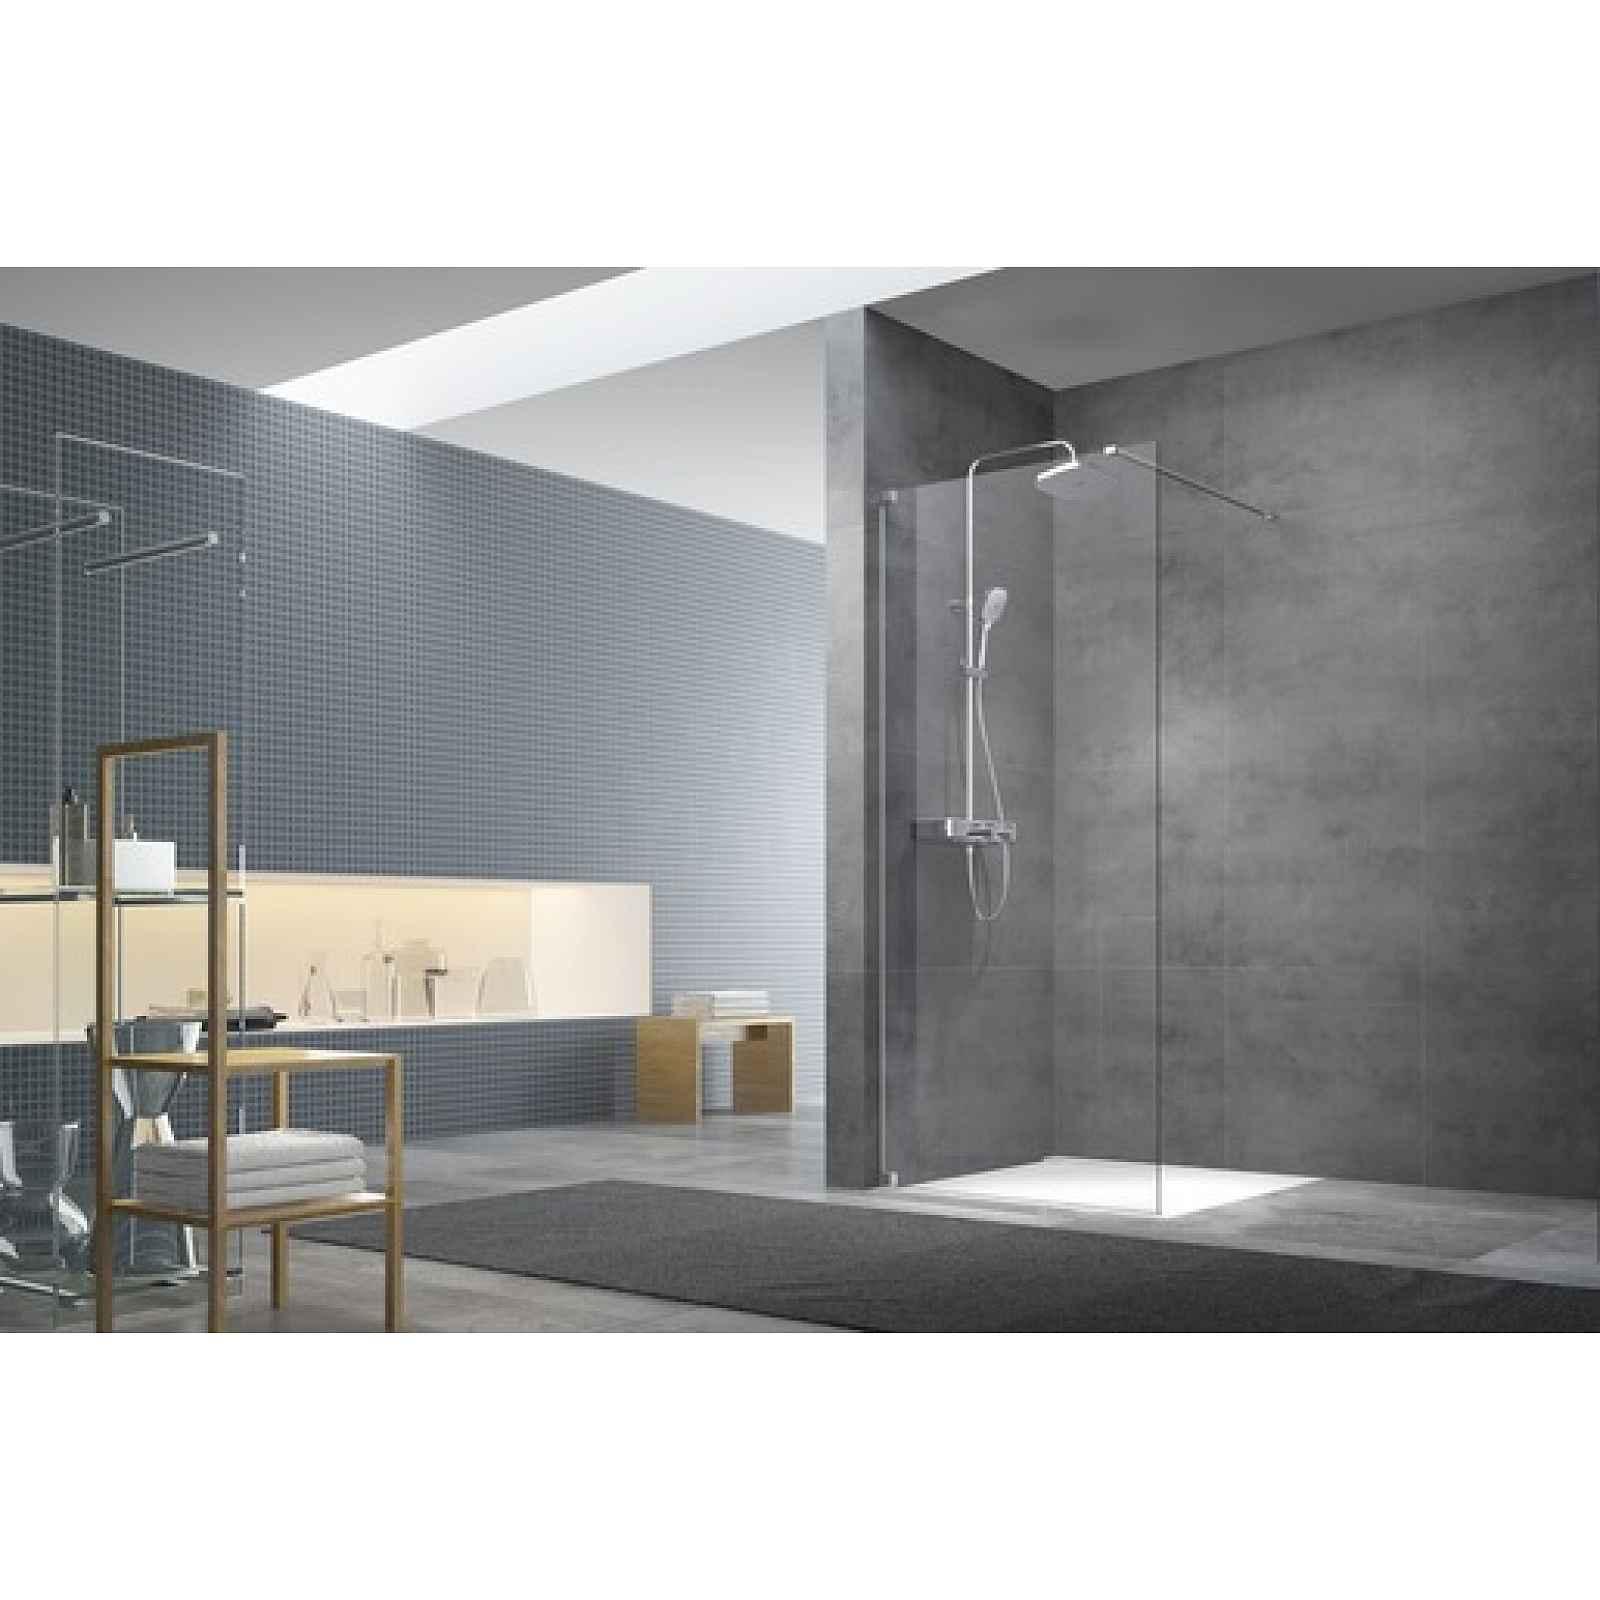 Sprchová zástěna walk-in Walk-In / dveře 100 cm s panty a zavětrováním Swiss Aqua Technologies Walk-in SATBWI100PA